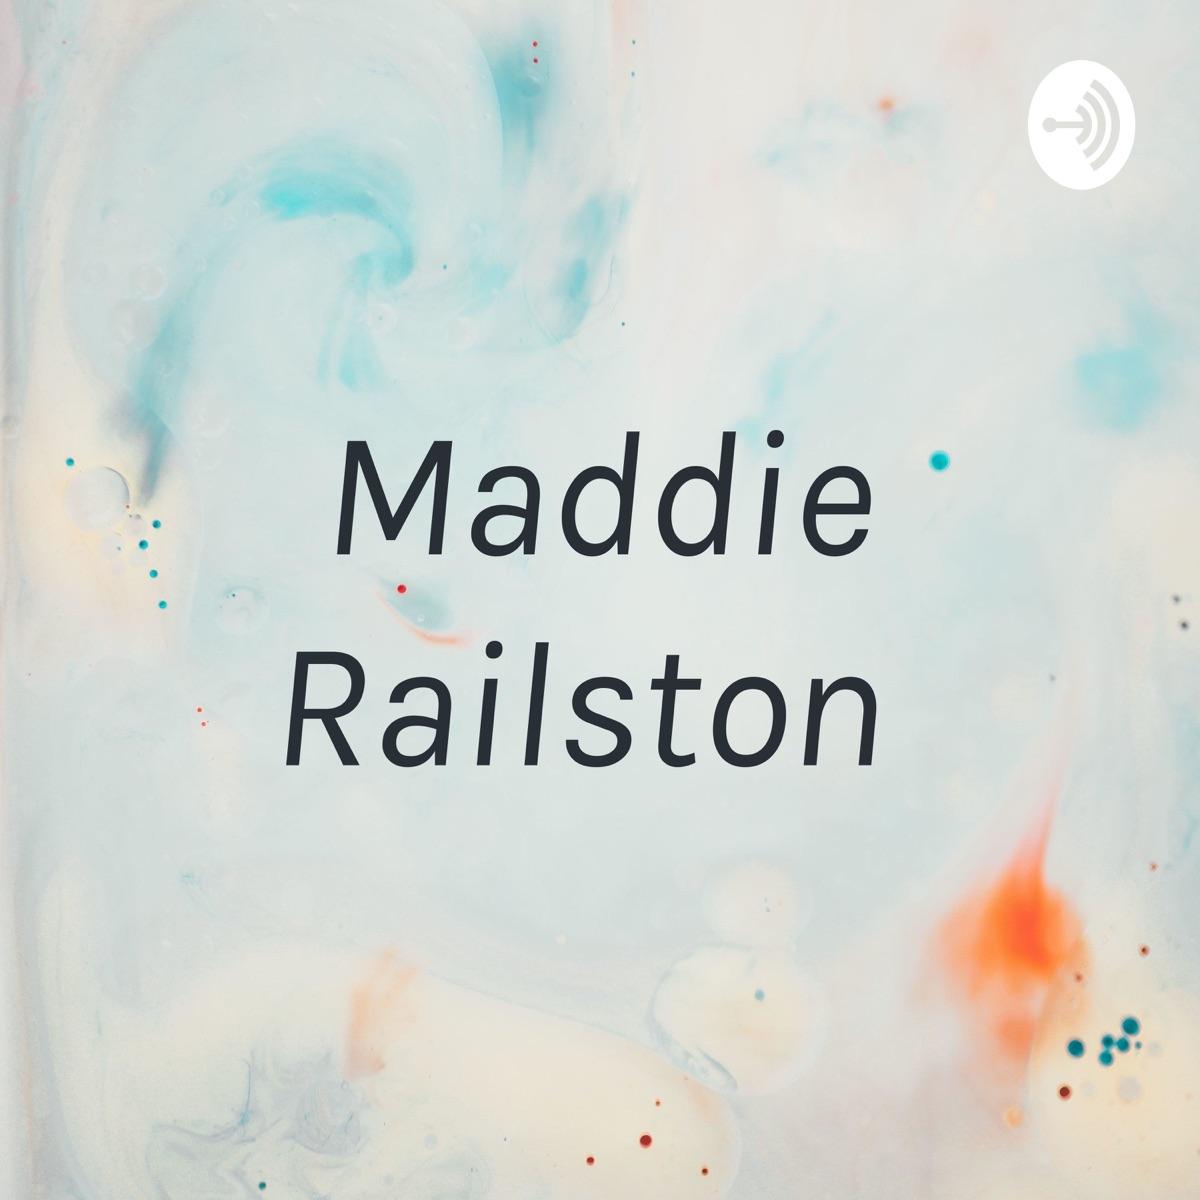 Maddie Railston